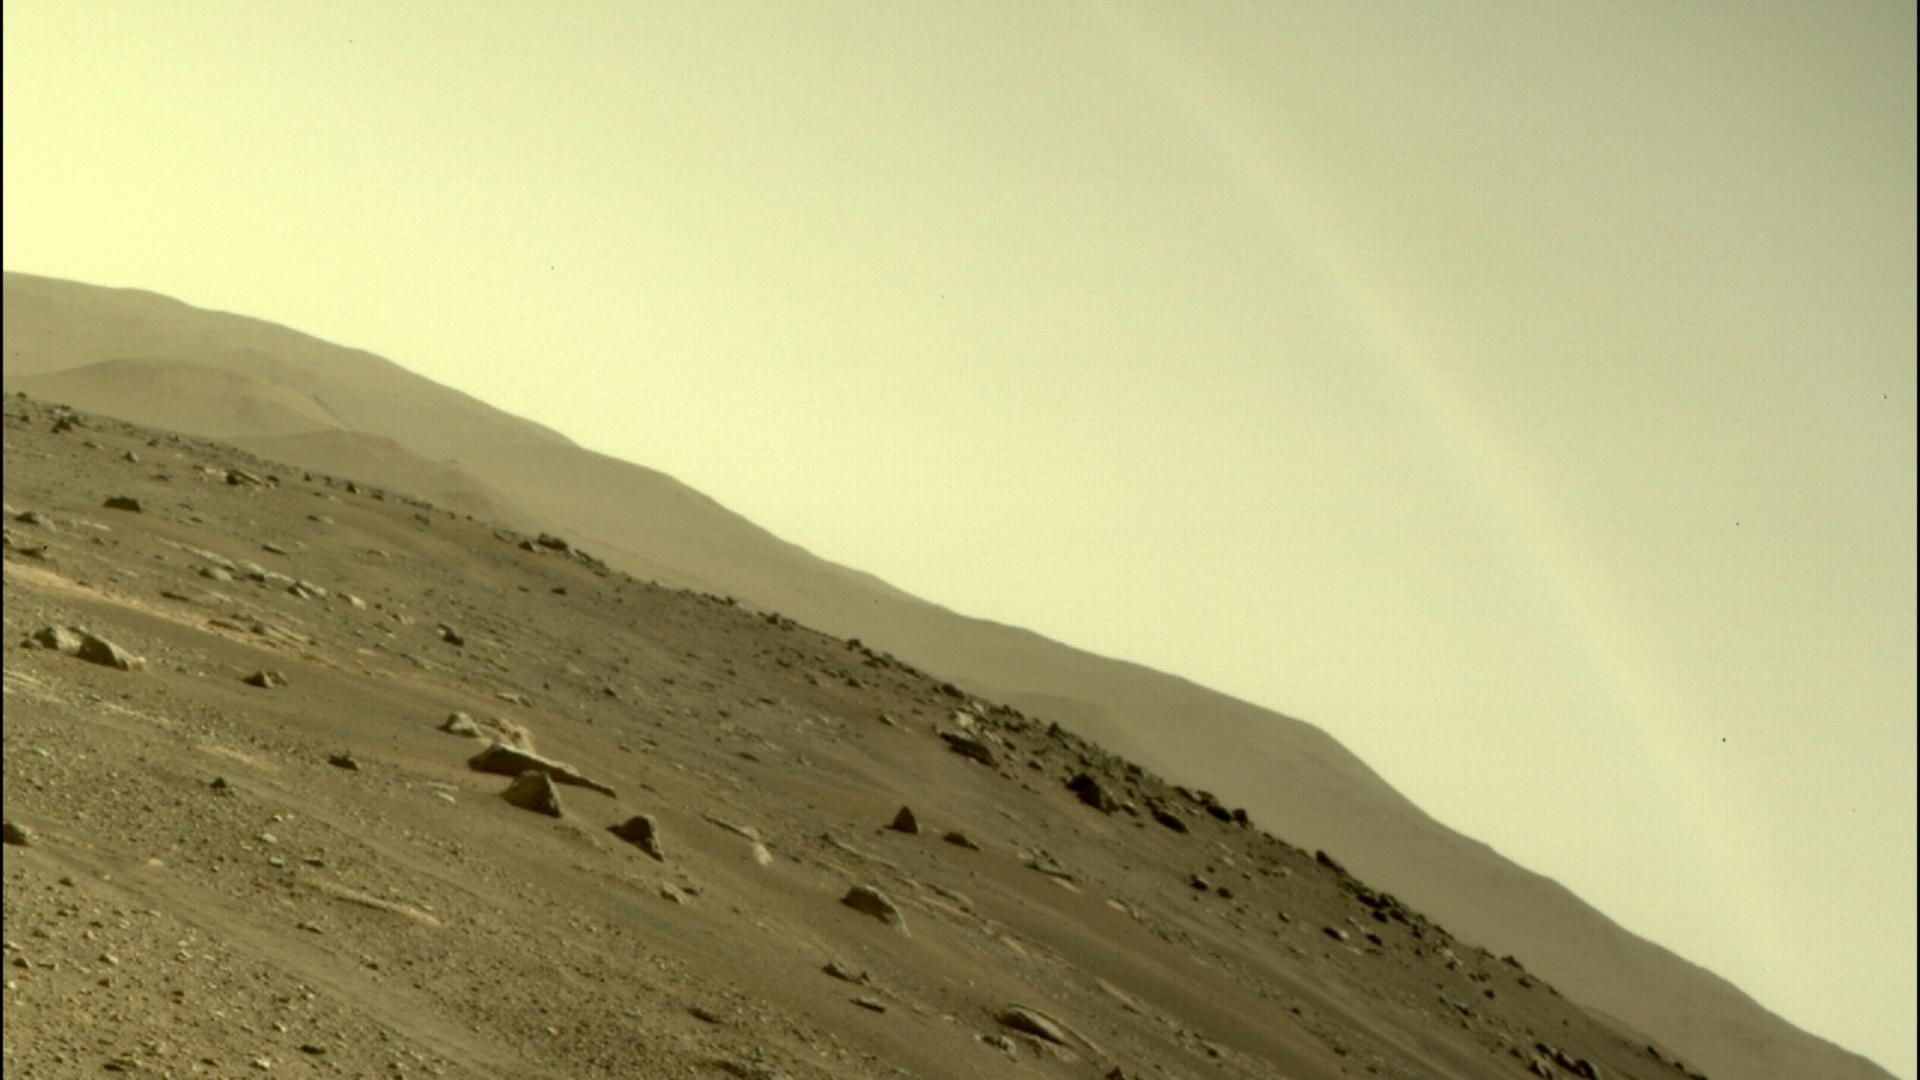 Non, le rover Perseverance n'a pas photographié un arc-en-ciel sur Mars